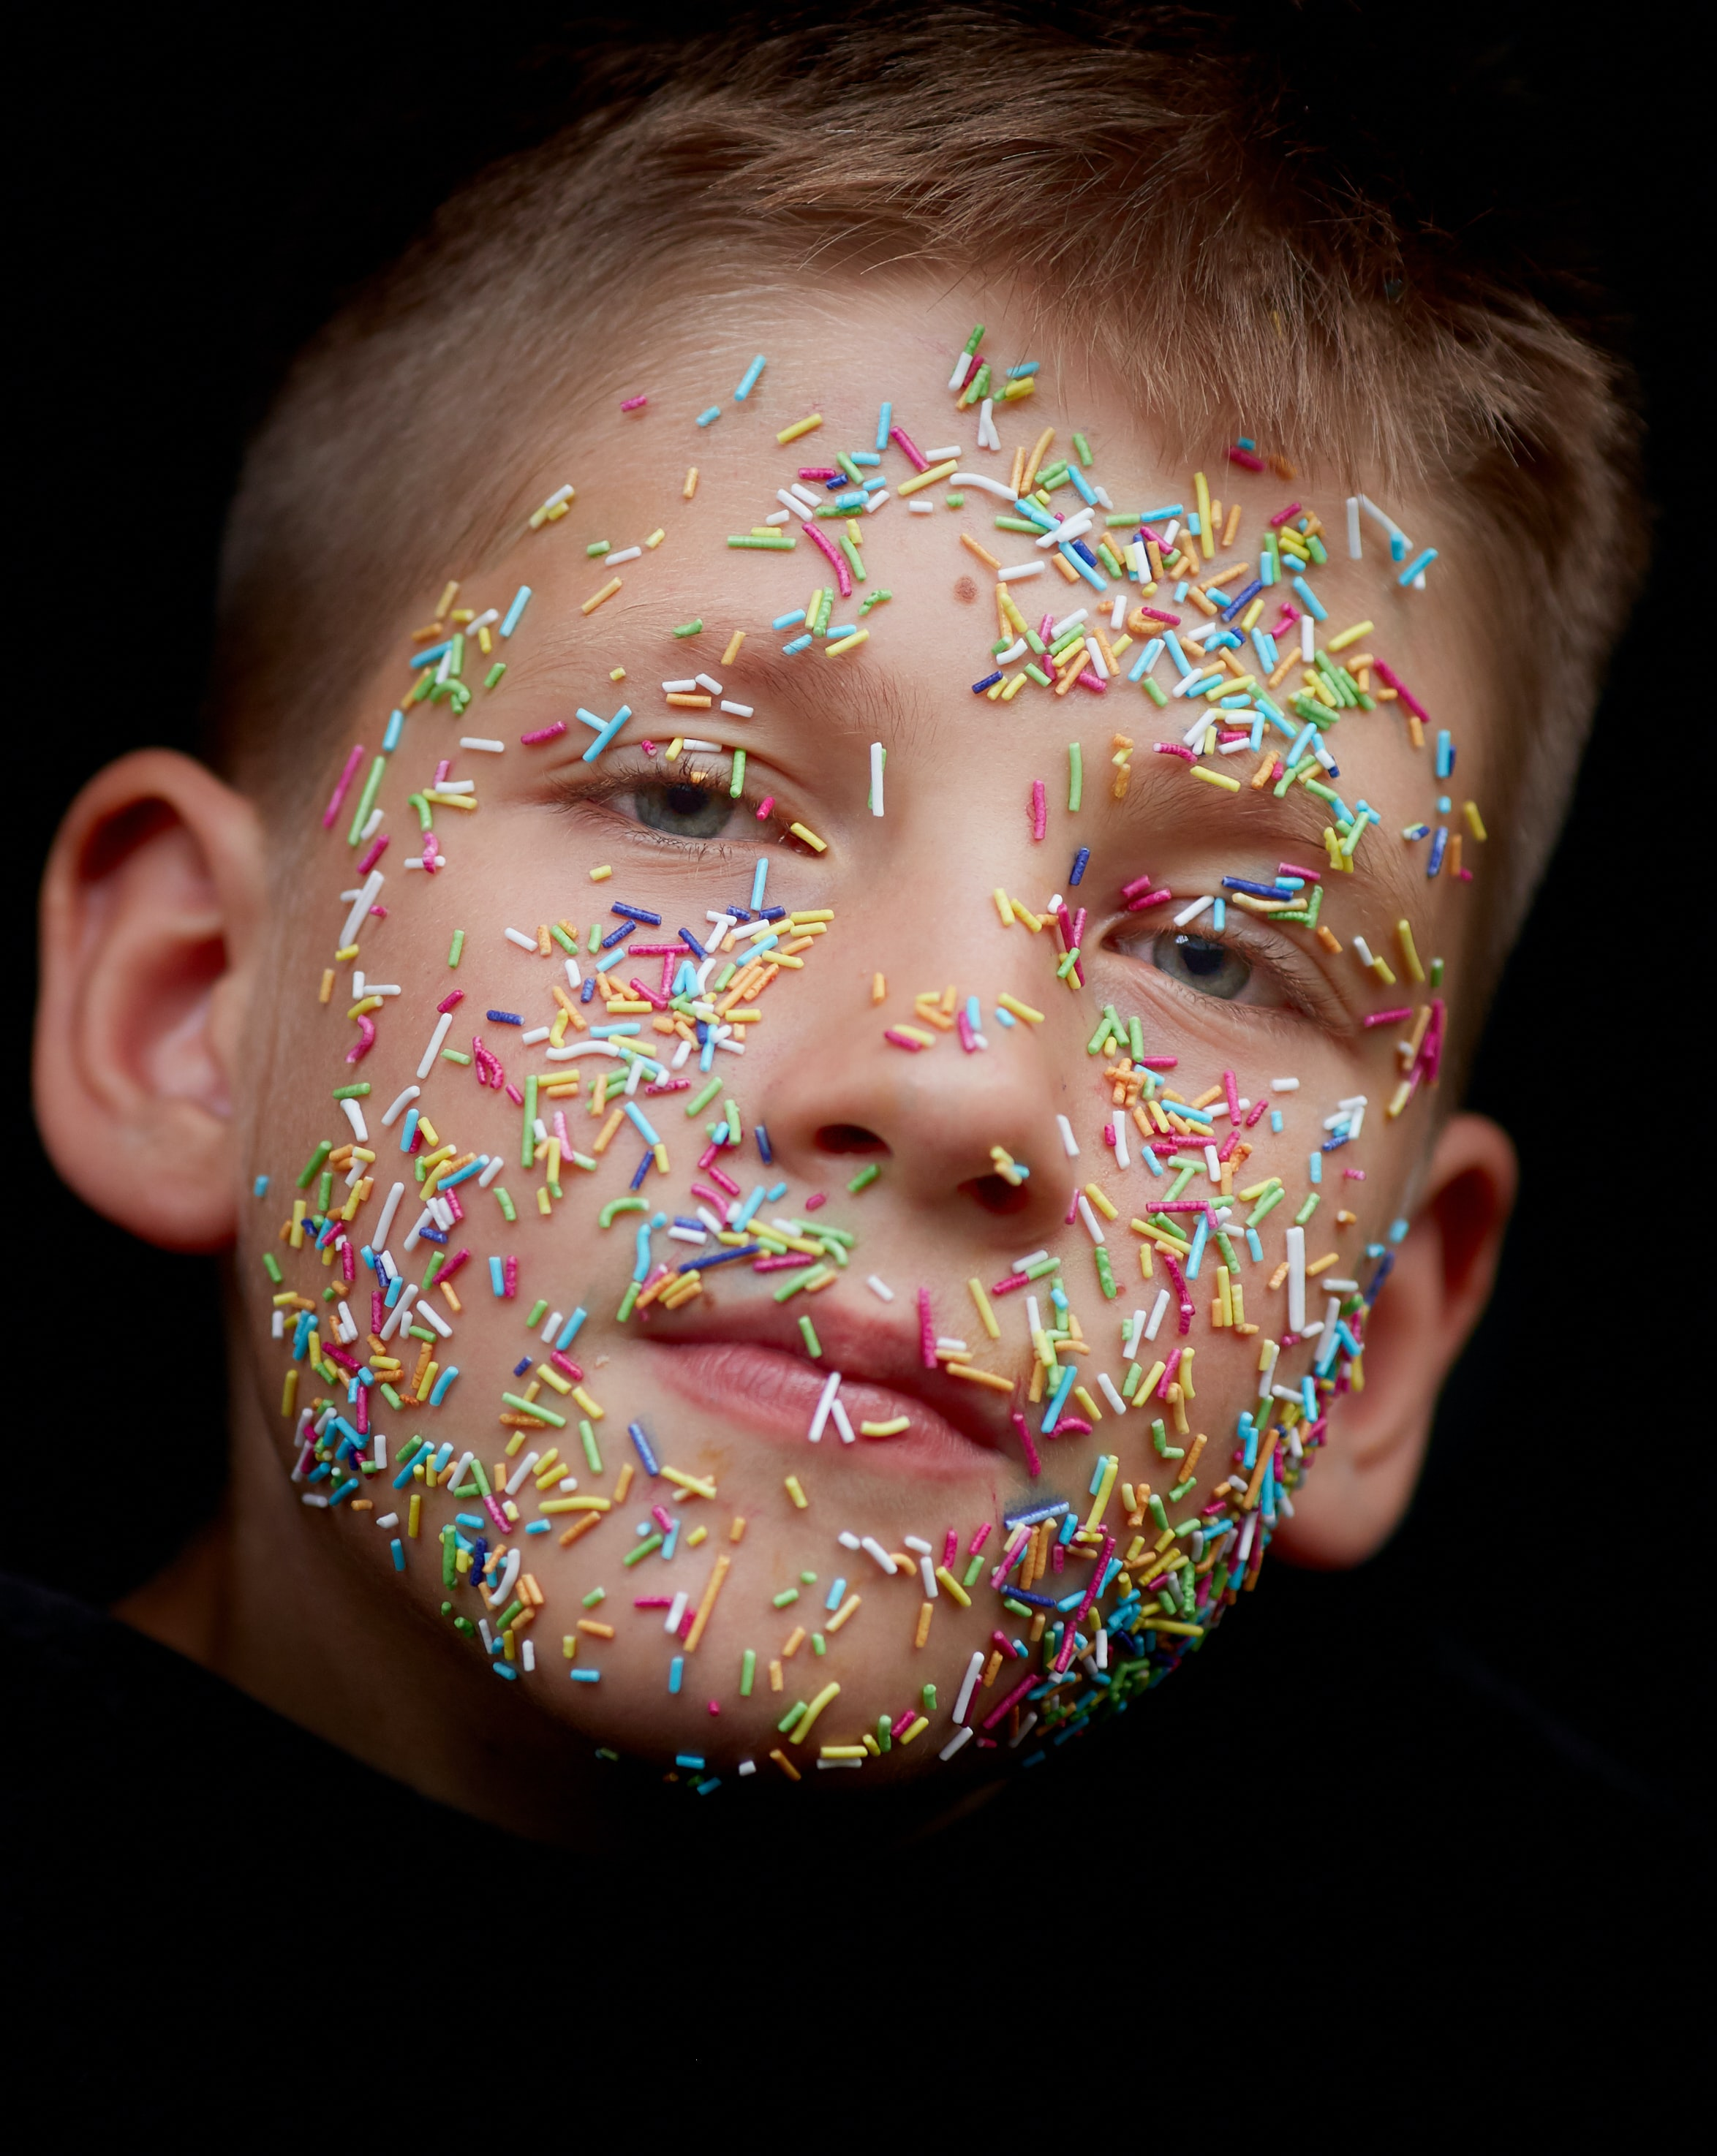 assorted-color sprinkler candies on boy's face